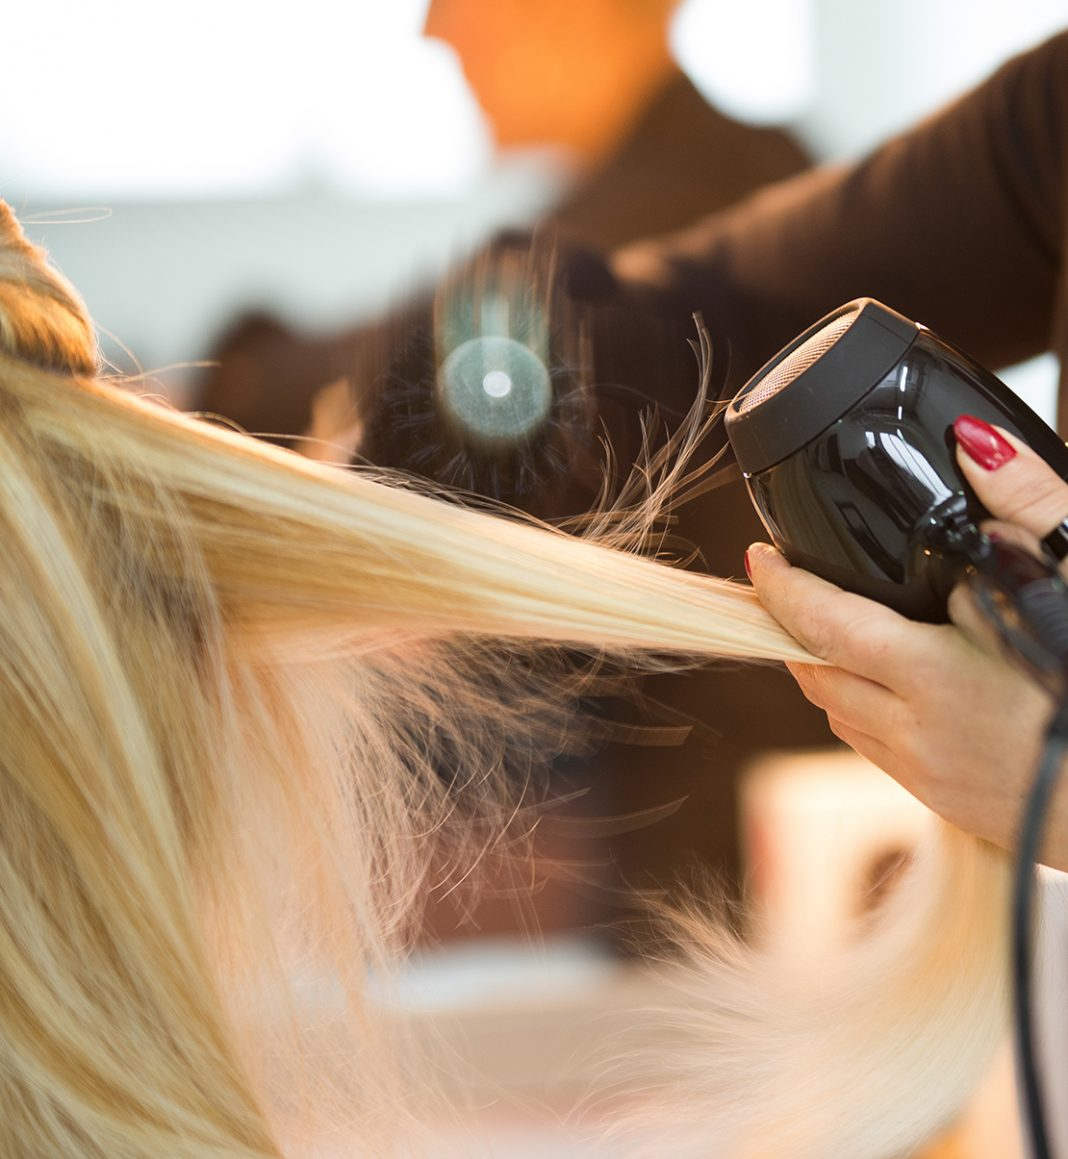 saçalarım neden kabarıyor ve elektrikleniyor